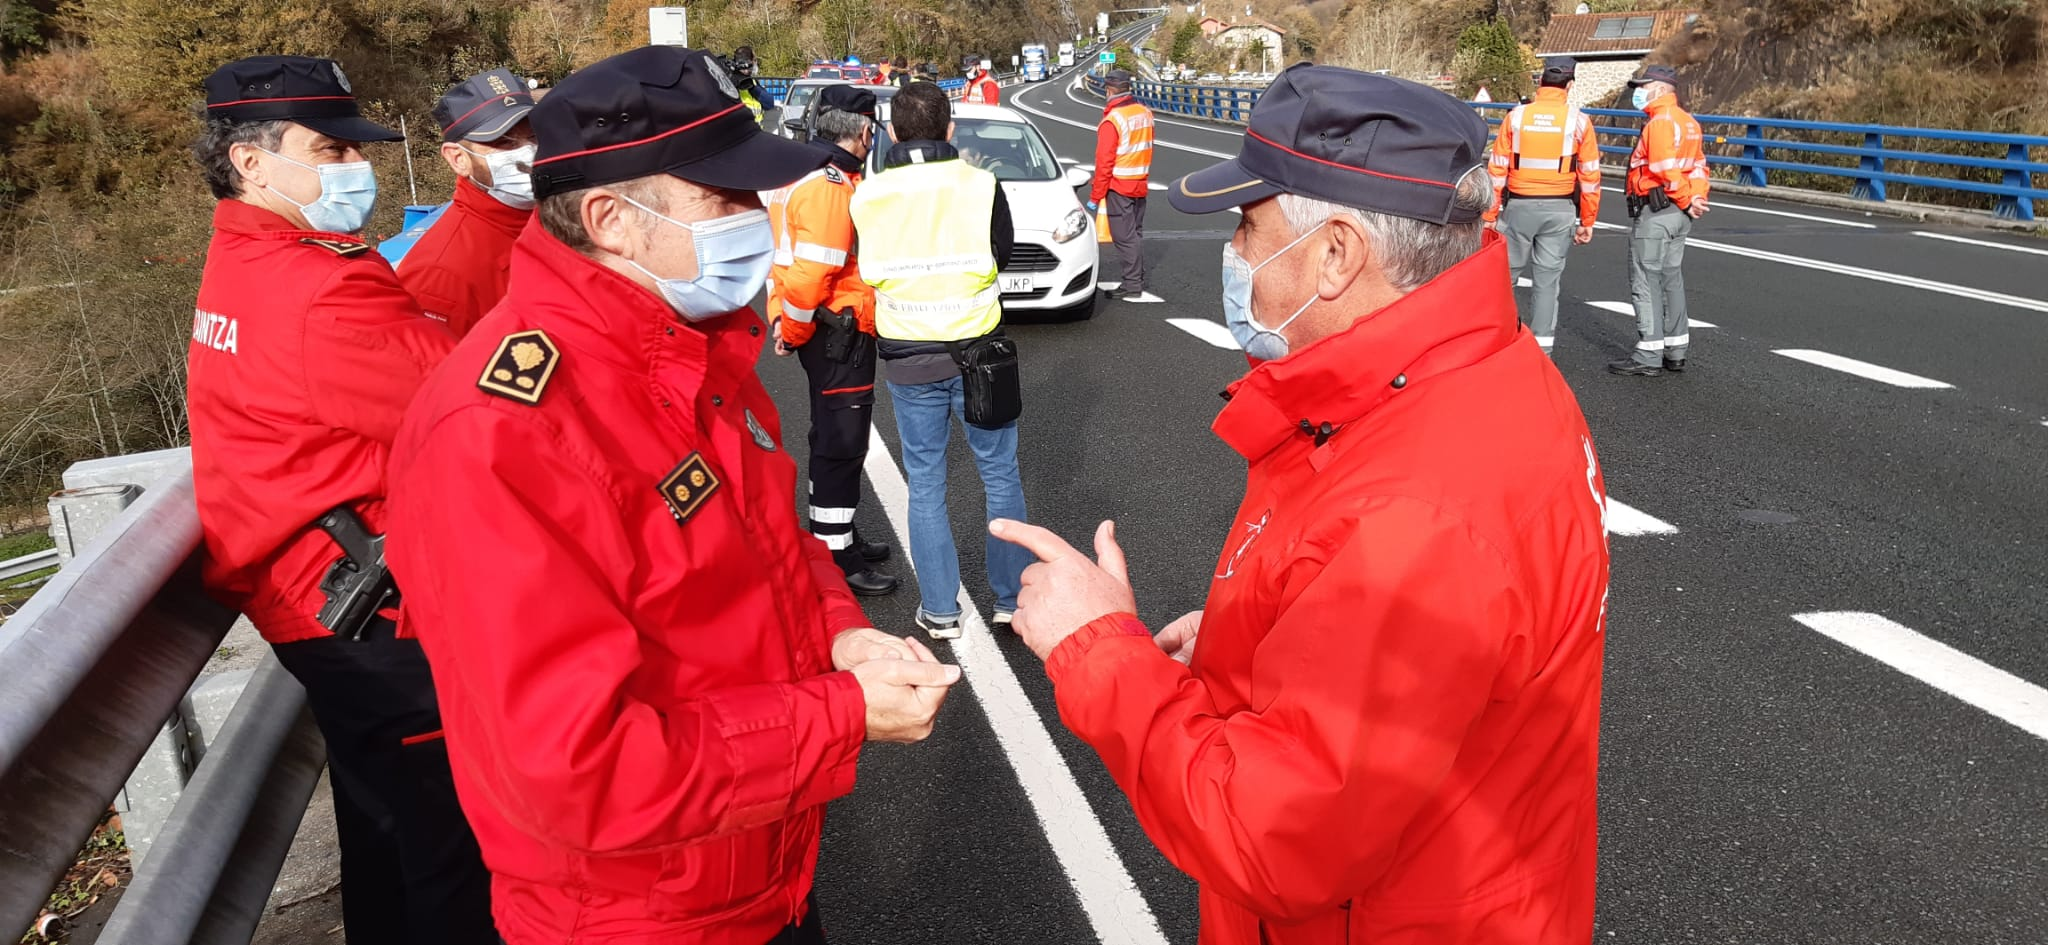 La Ertzaintza y la Policía Foral colaboran durante ese puente festivo en el control de la movilidad  entre Navarra y el País Vasco  [8:54]